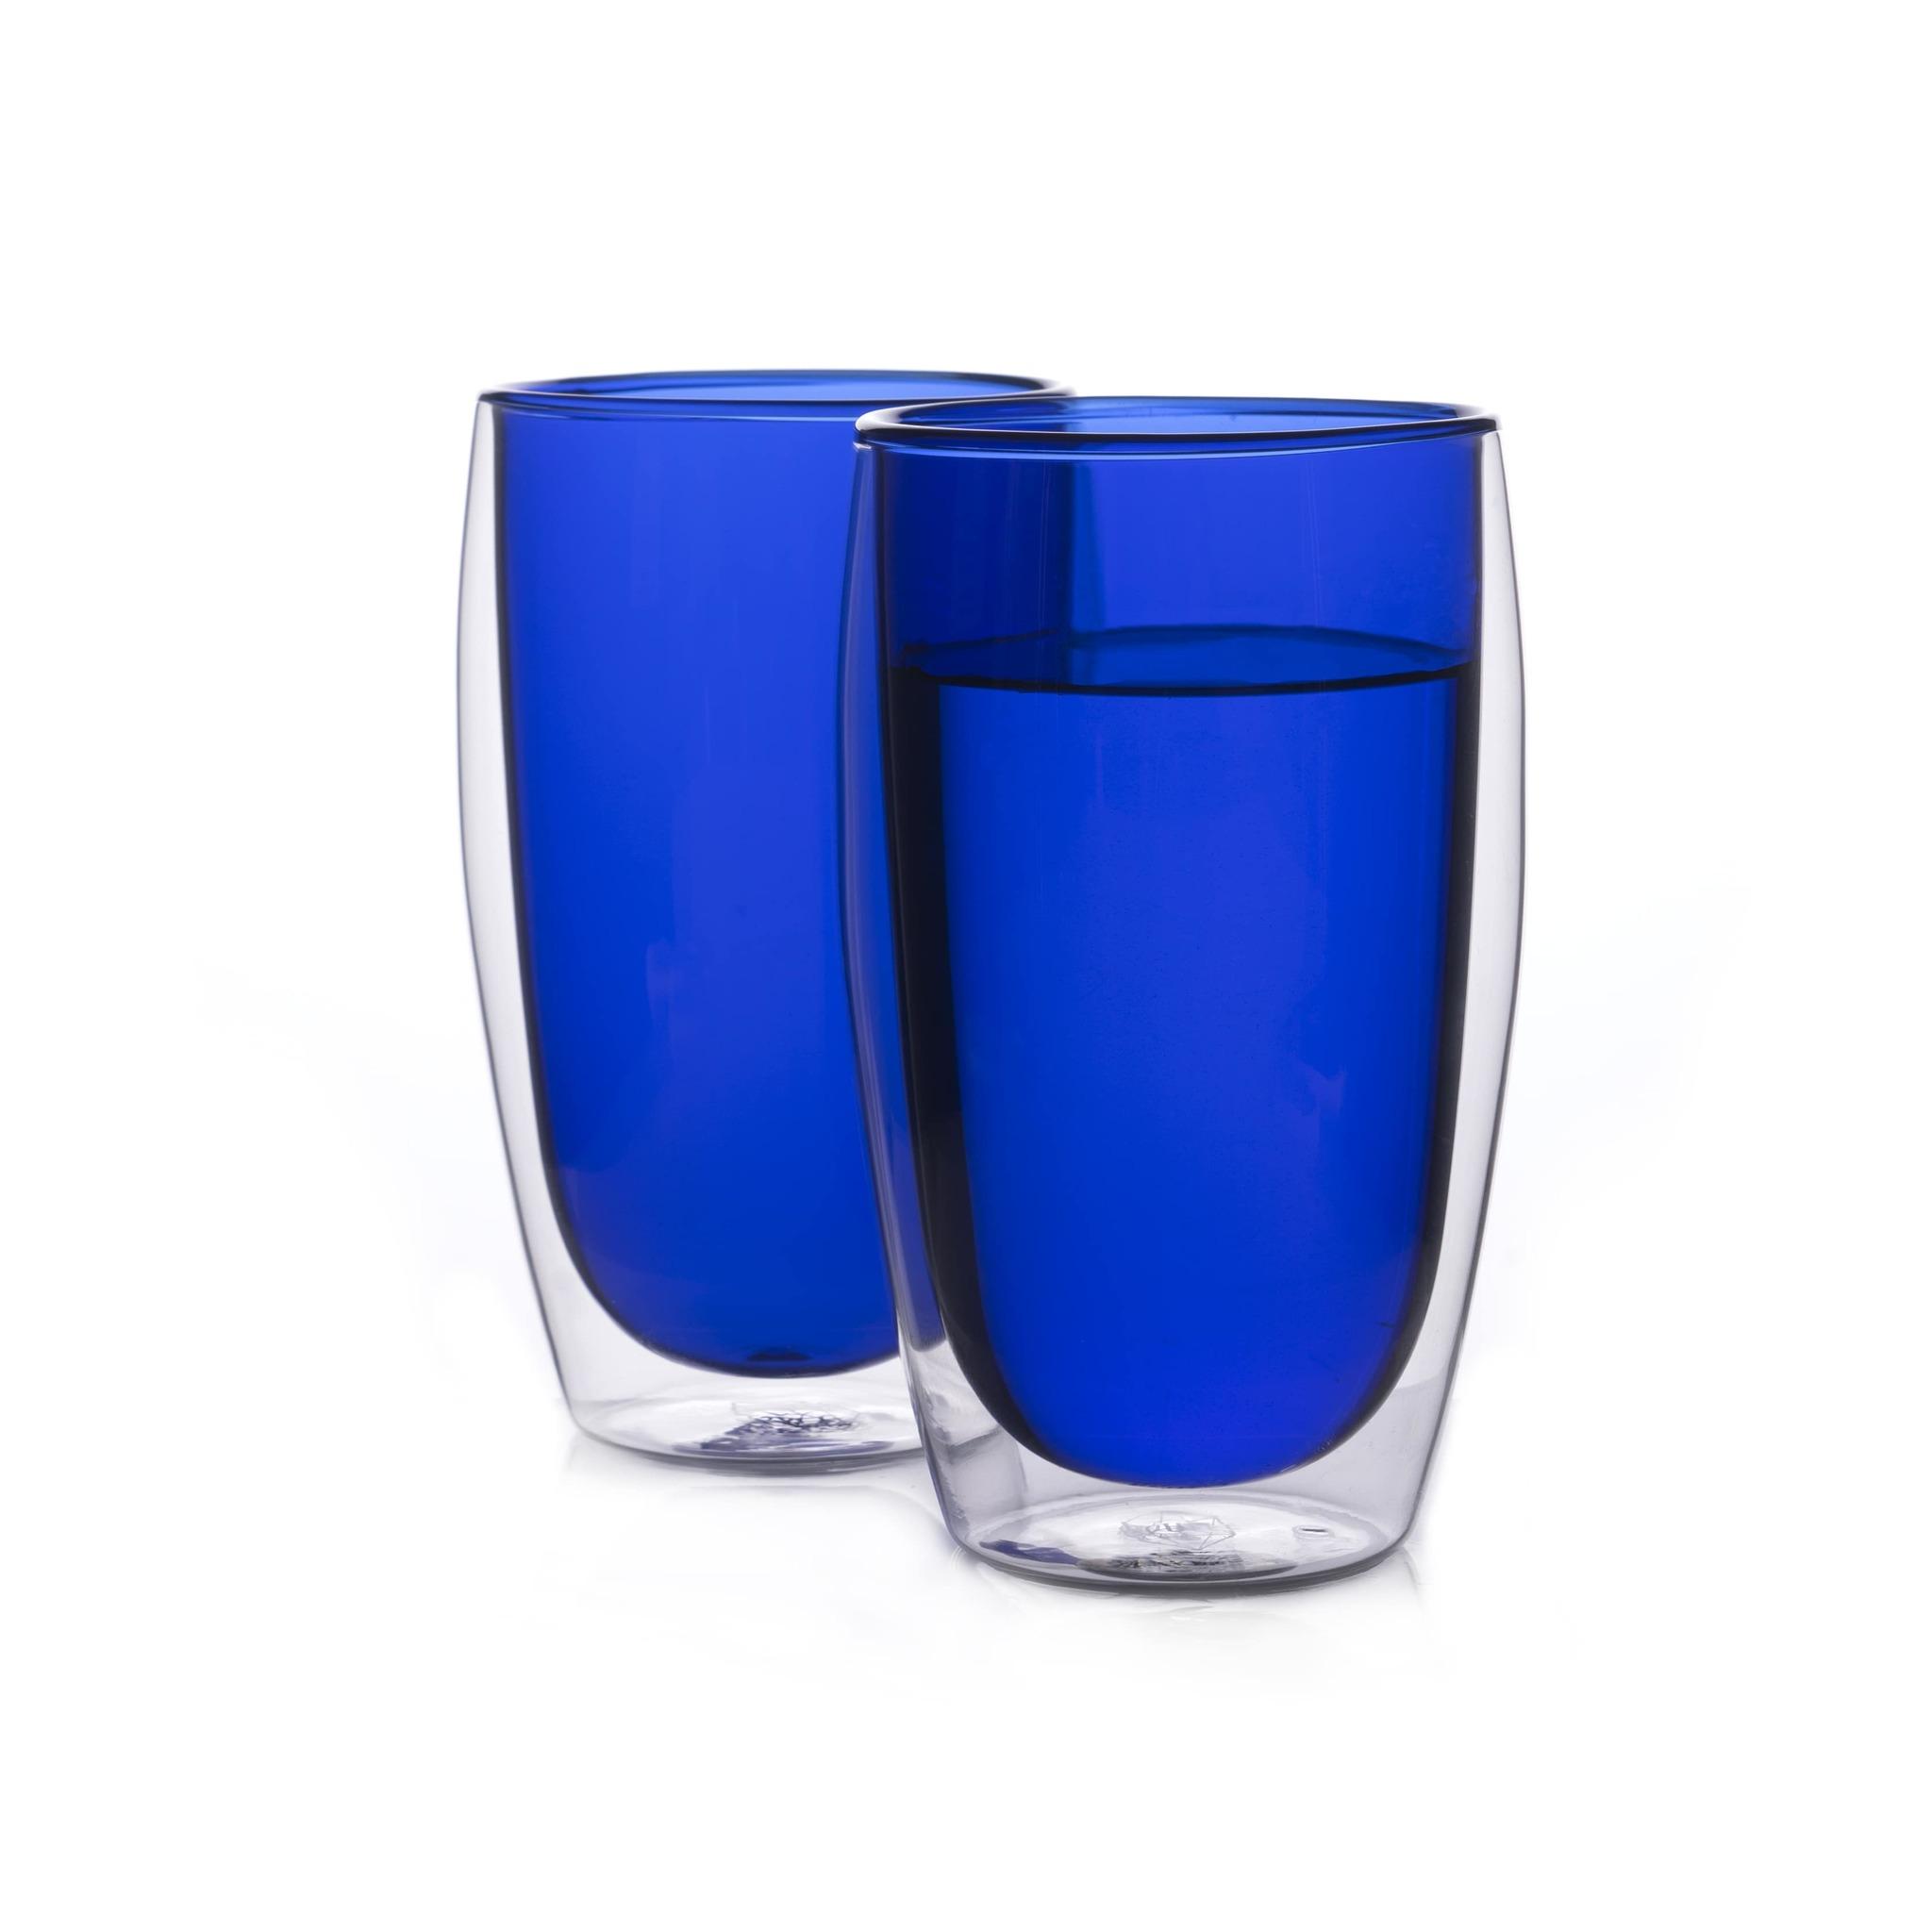 Наборы-Акции Набор стаканов из двойного стекла синего цвета 450 мл, 2 шт. синий1-min.jpg